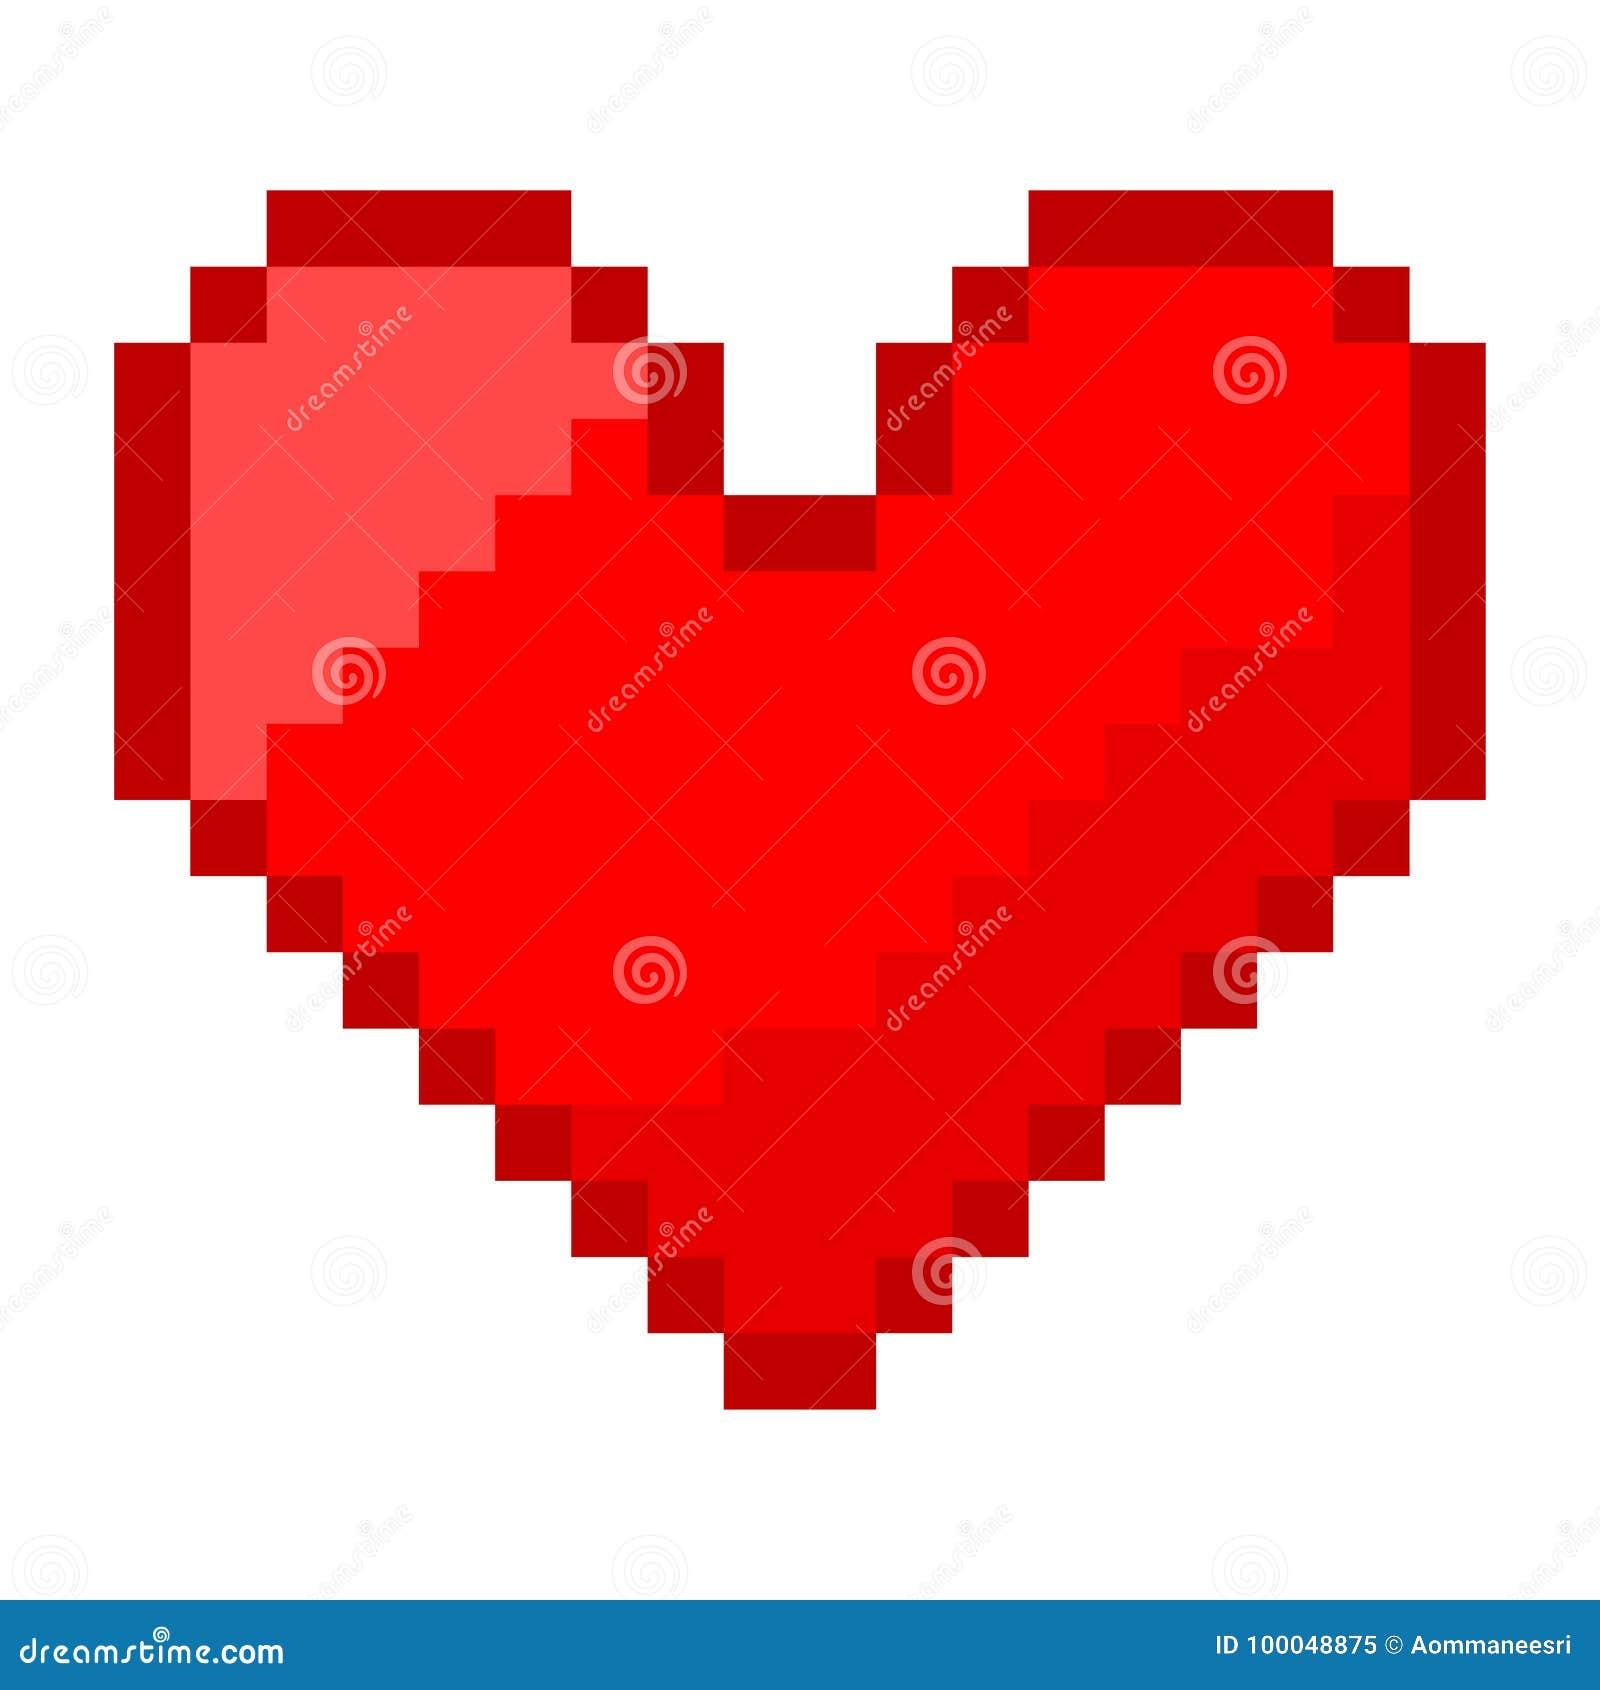 только вас как сделать открытку пиксельное сердце скором